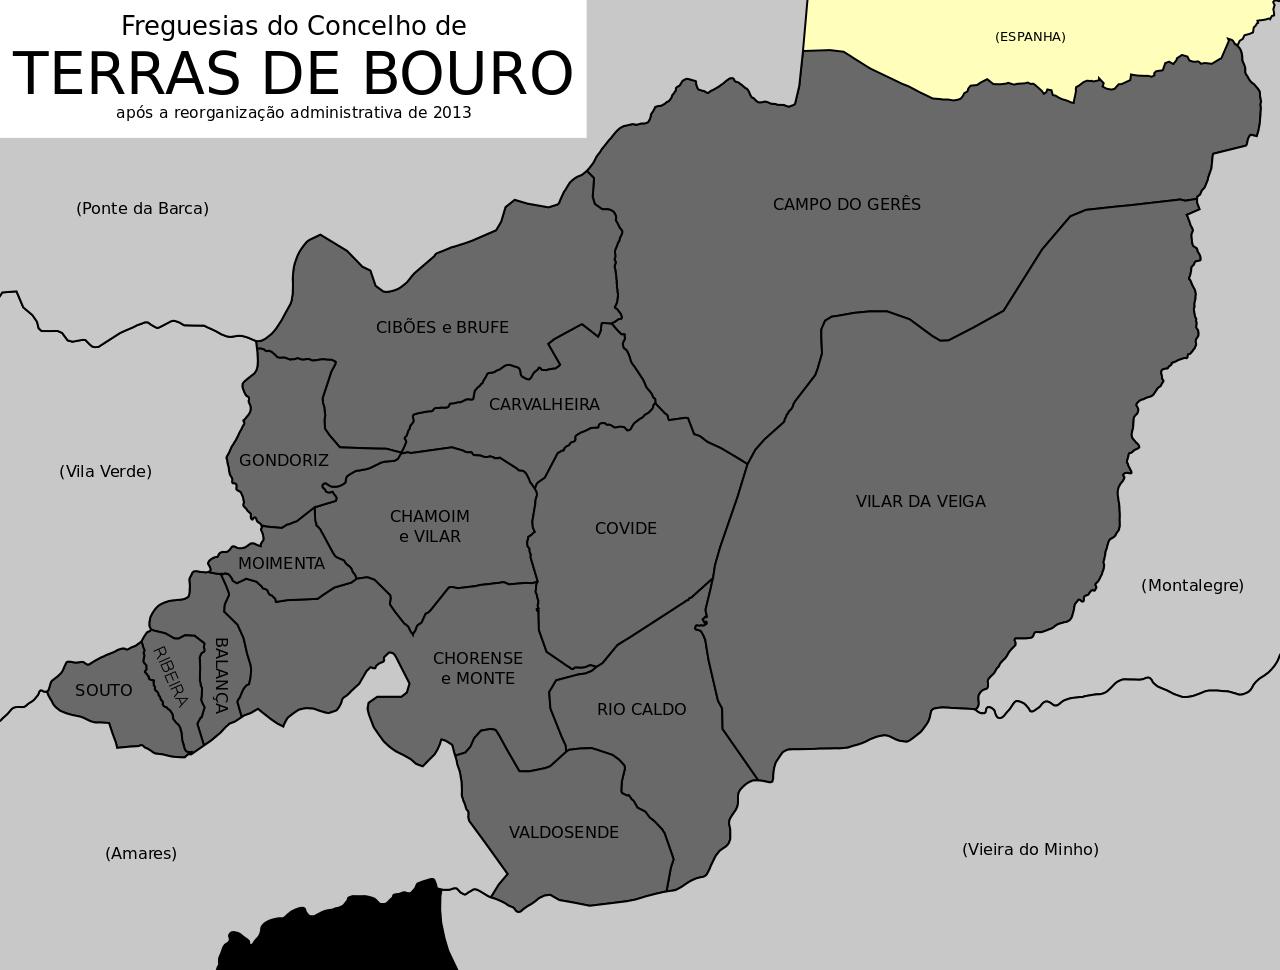 mapa de terras de bouro Câmara Municipal de Terras de Bouro   JUNTAS DE FREGUESIA mapa de terras de bouro